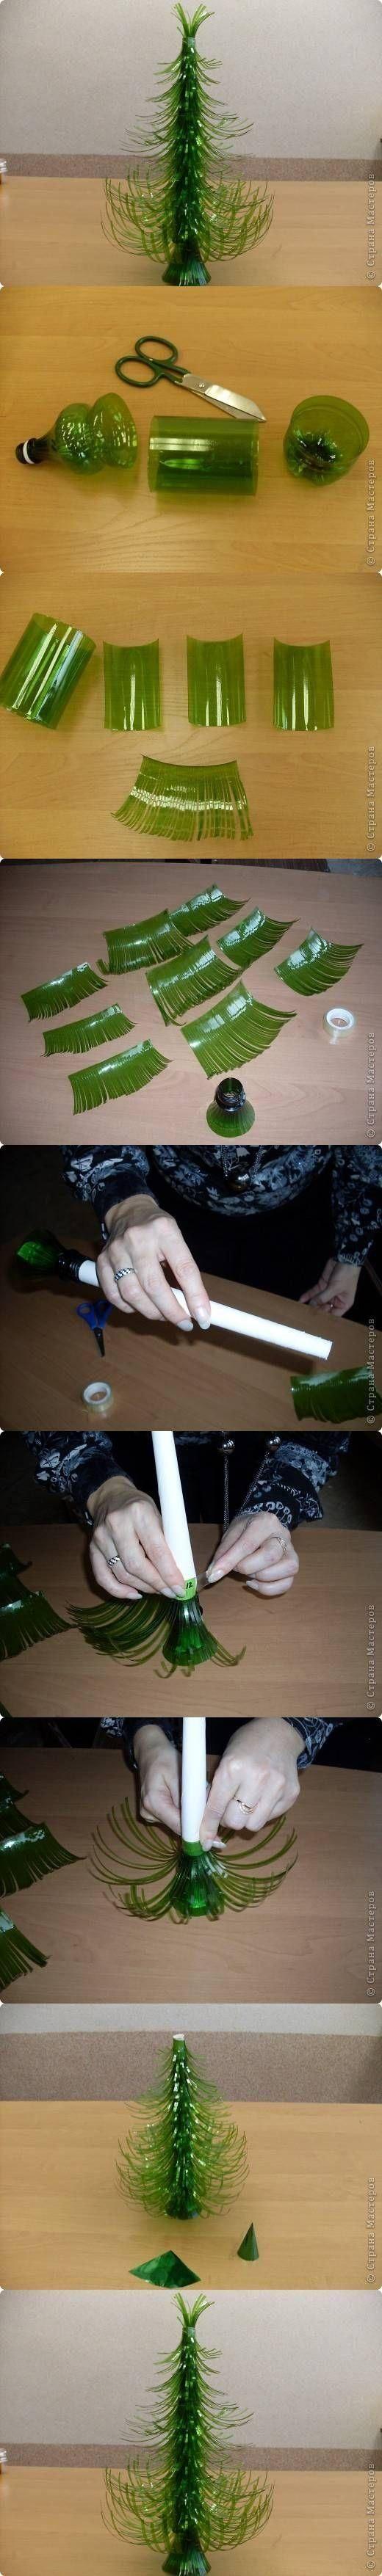 Como hacer árbol de navidad con botellas de plástico de sprite - ManualidadesGratis.es